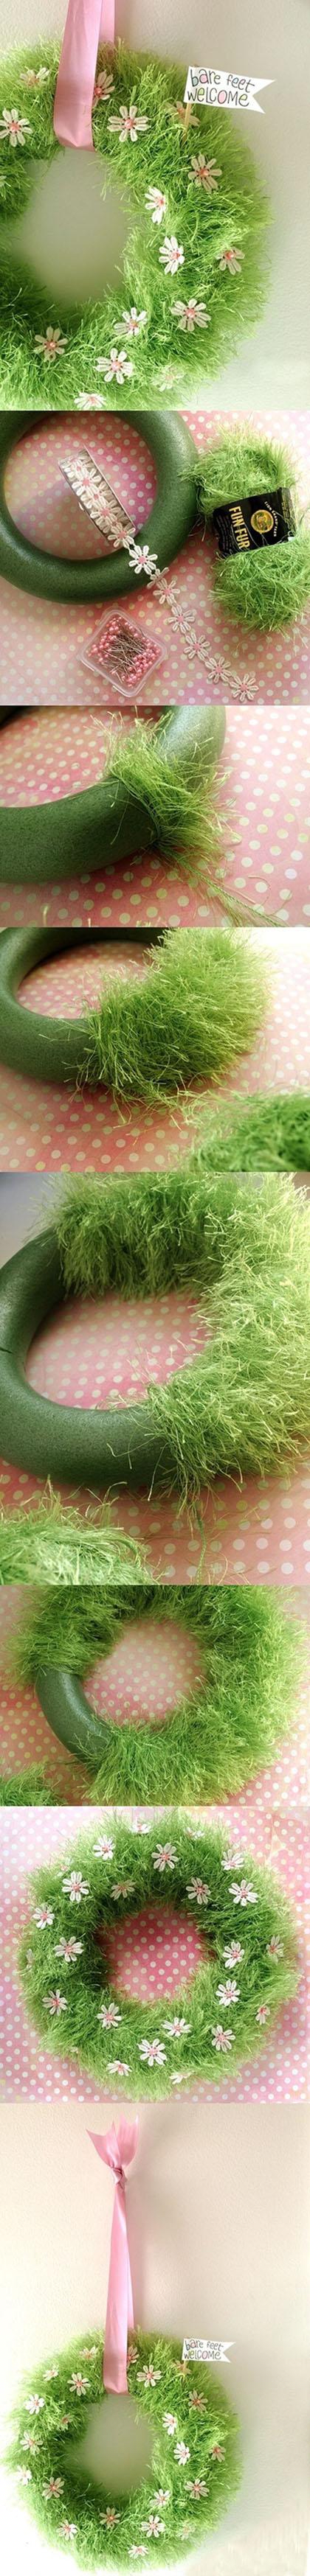 """Adorable """"Bare Feet Welcome"""" DIY Spring Wreath Idea via The Creative Place"""